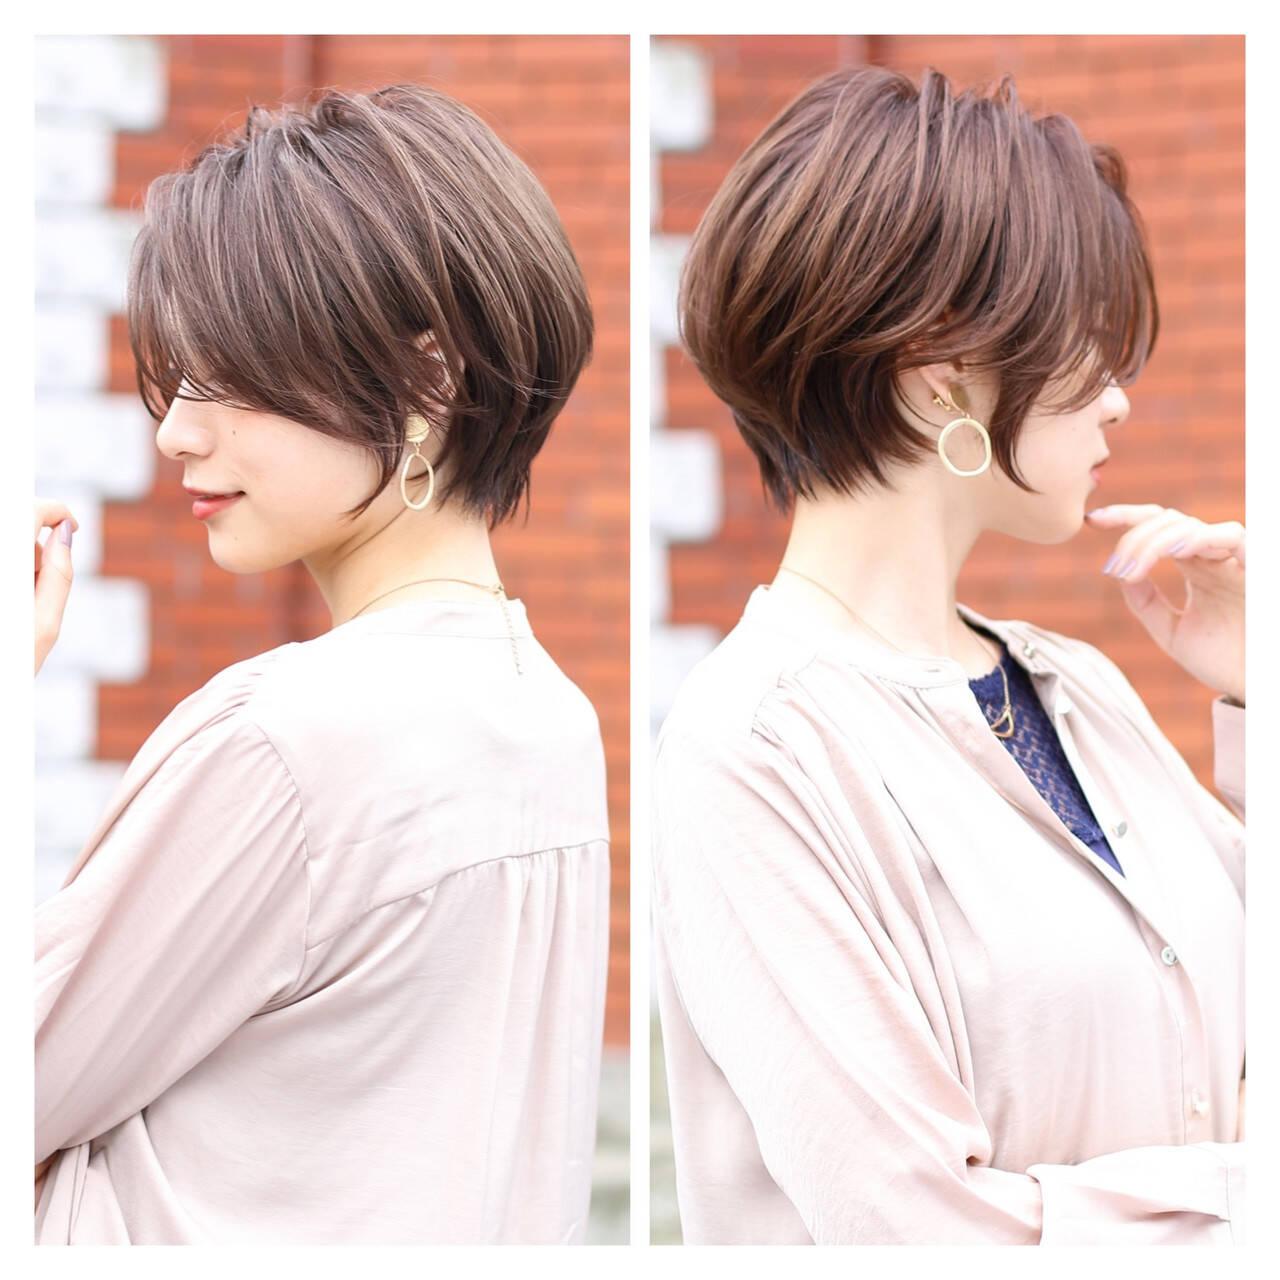 大人ショート ショートヘア ショート パーマヘアスタイルや髪型の写真・画像